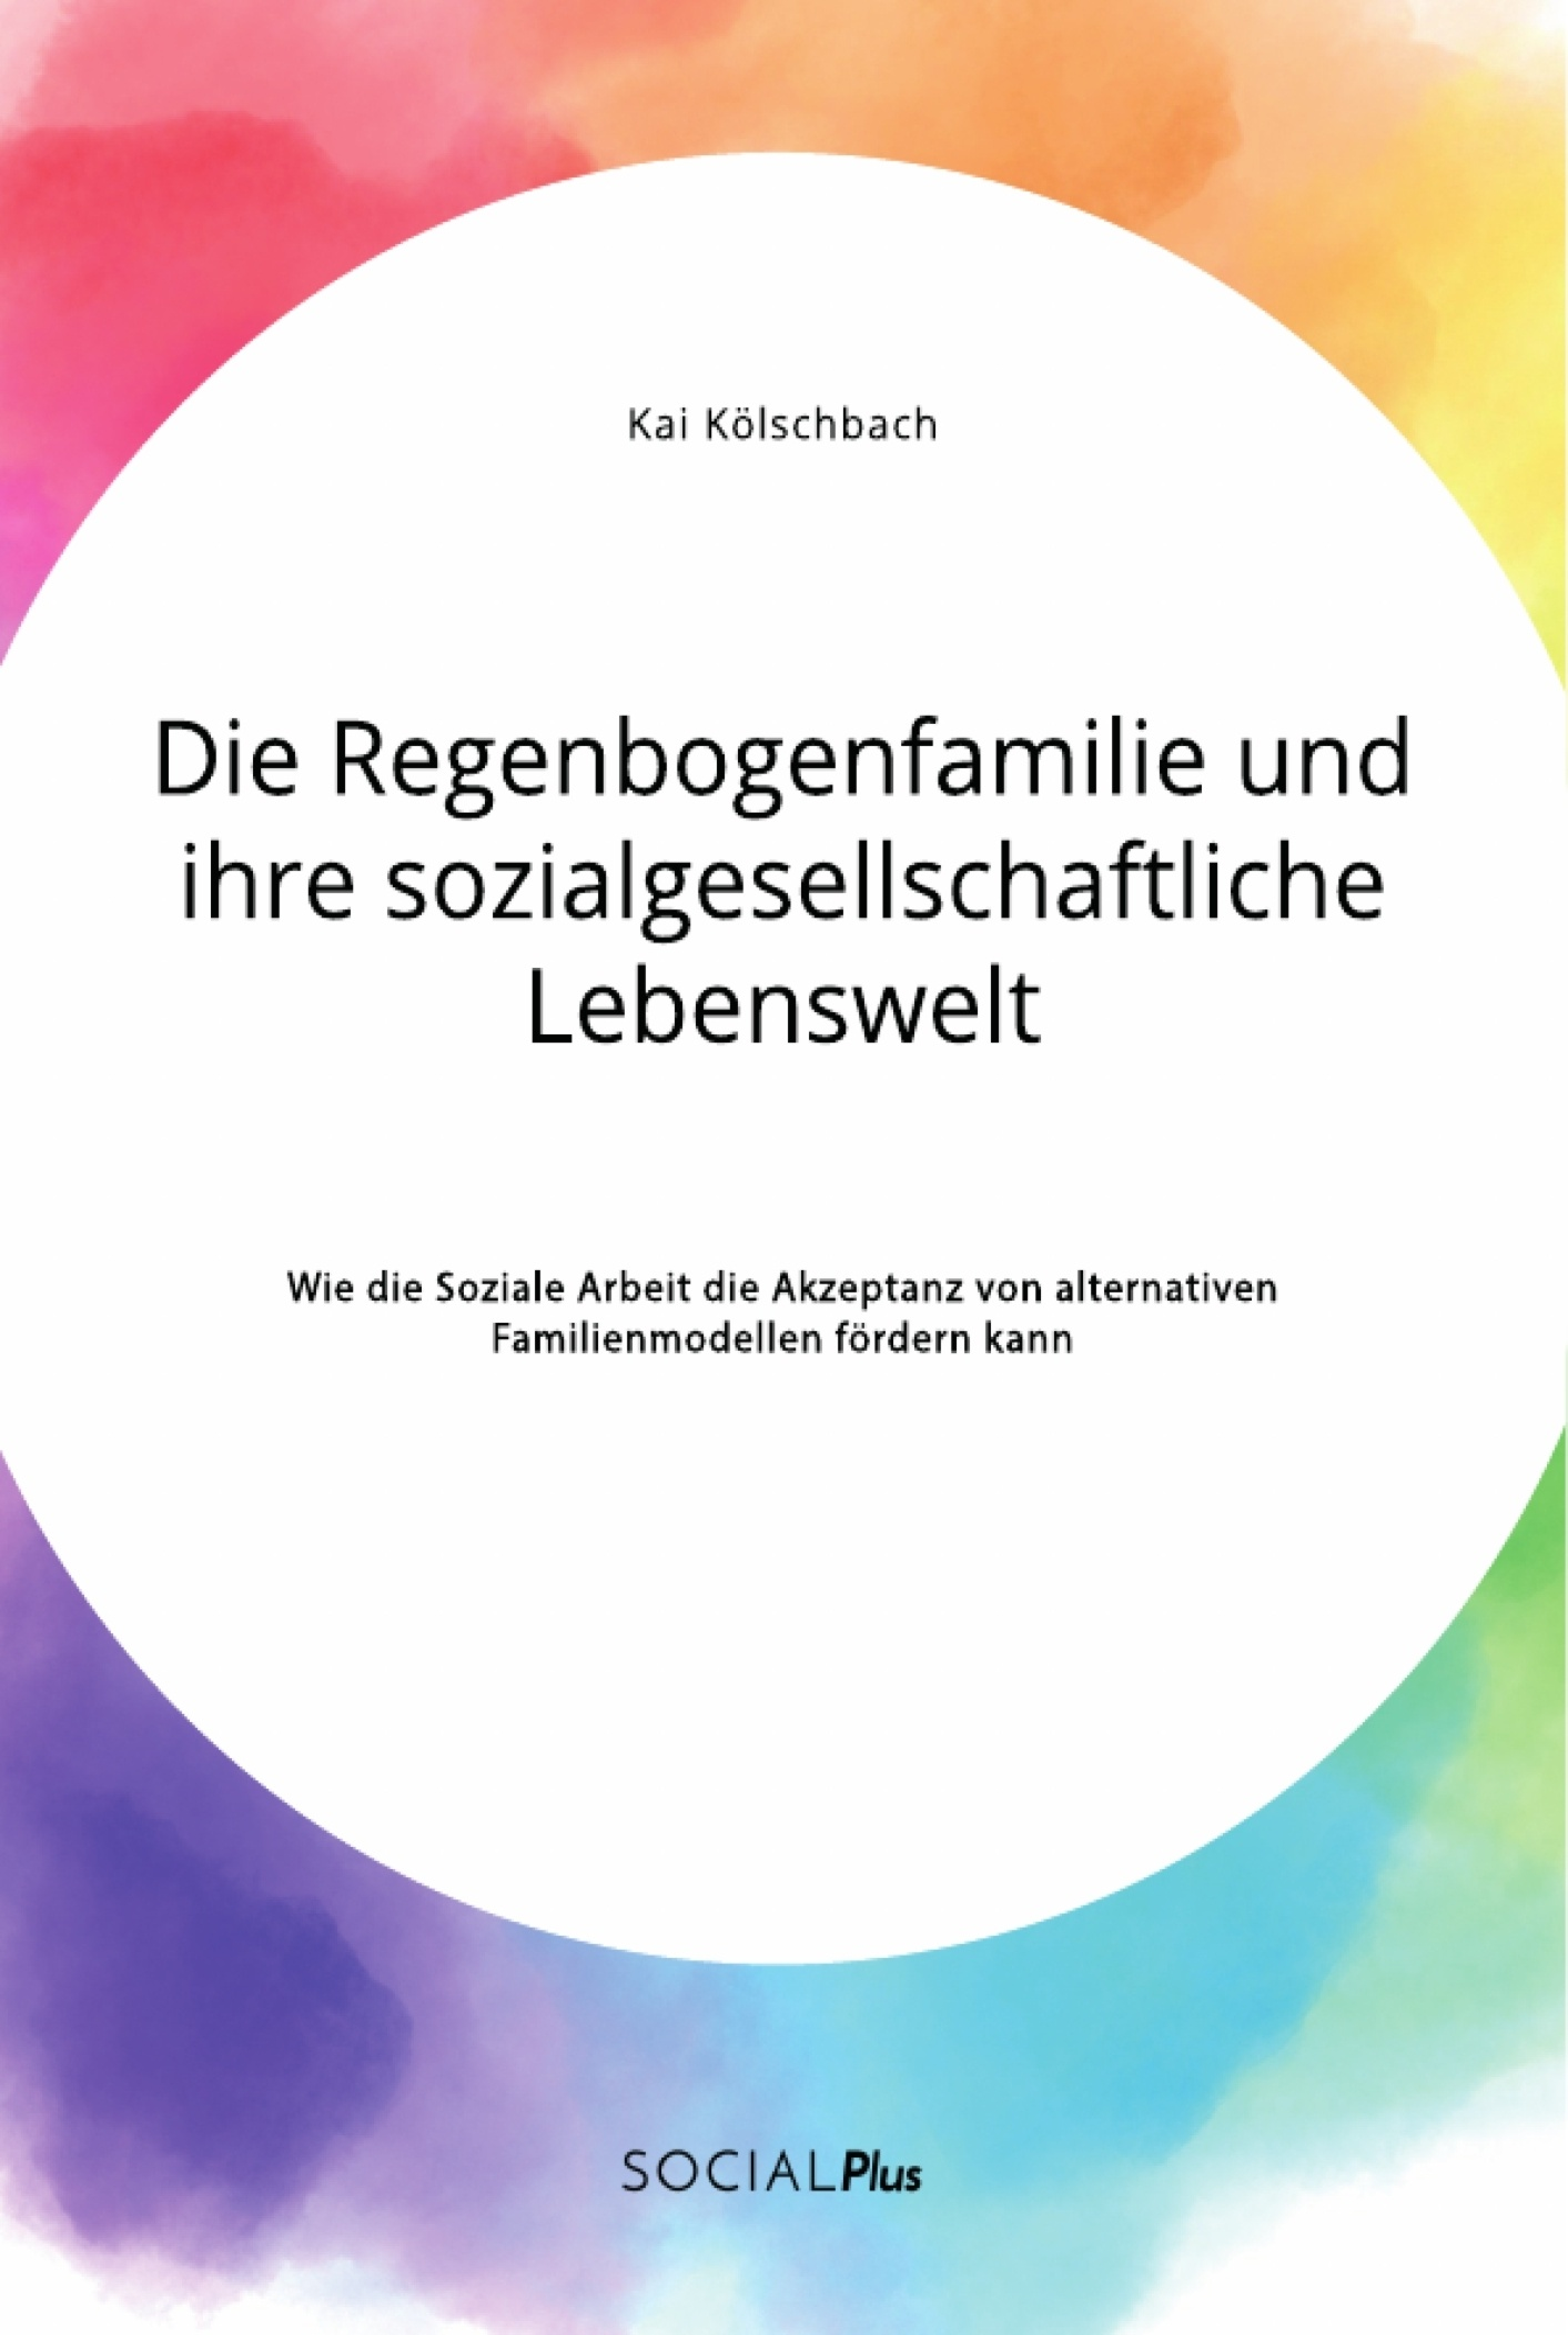 Titel: Die Regenbogenfamilie und ihre sozialgesellschaftliche Lebenswelt. Wie die Soziale Arbeit die Akzeptanz von alternativen Familienmodellen fördern kann